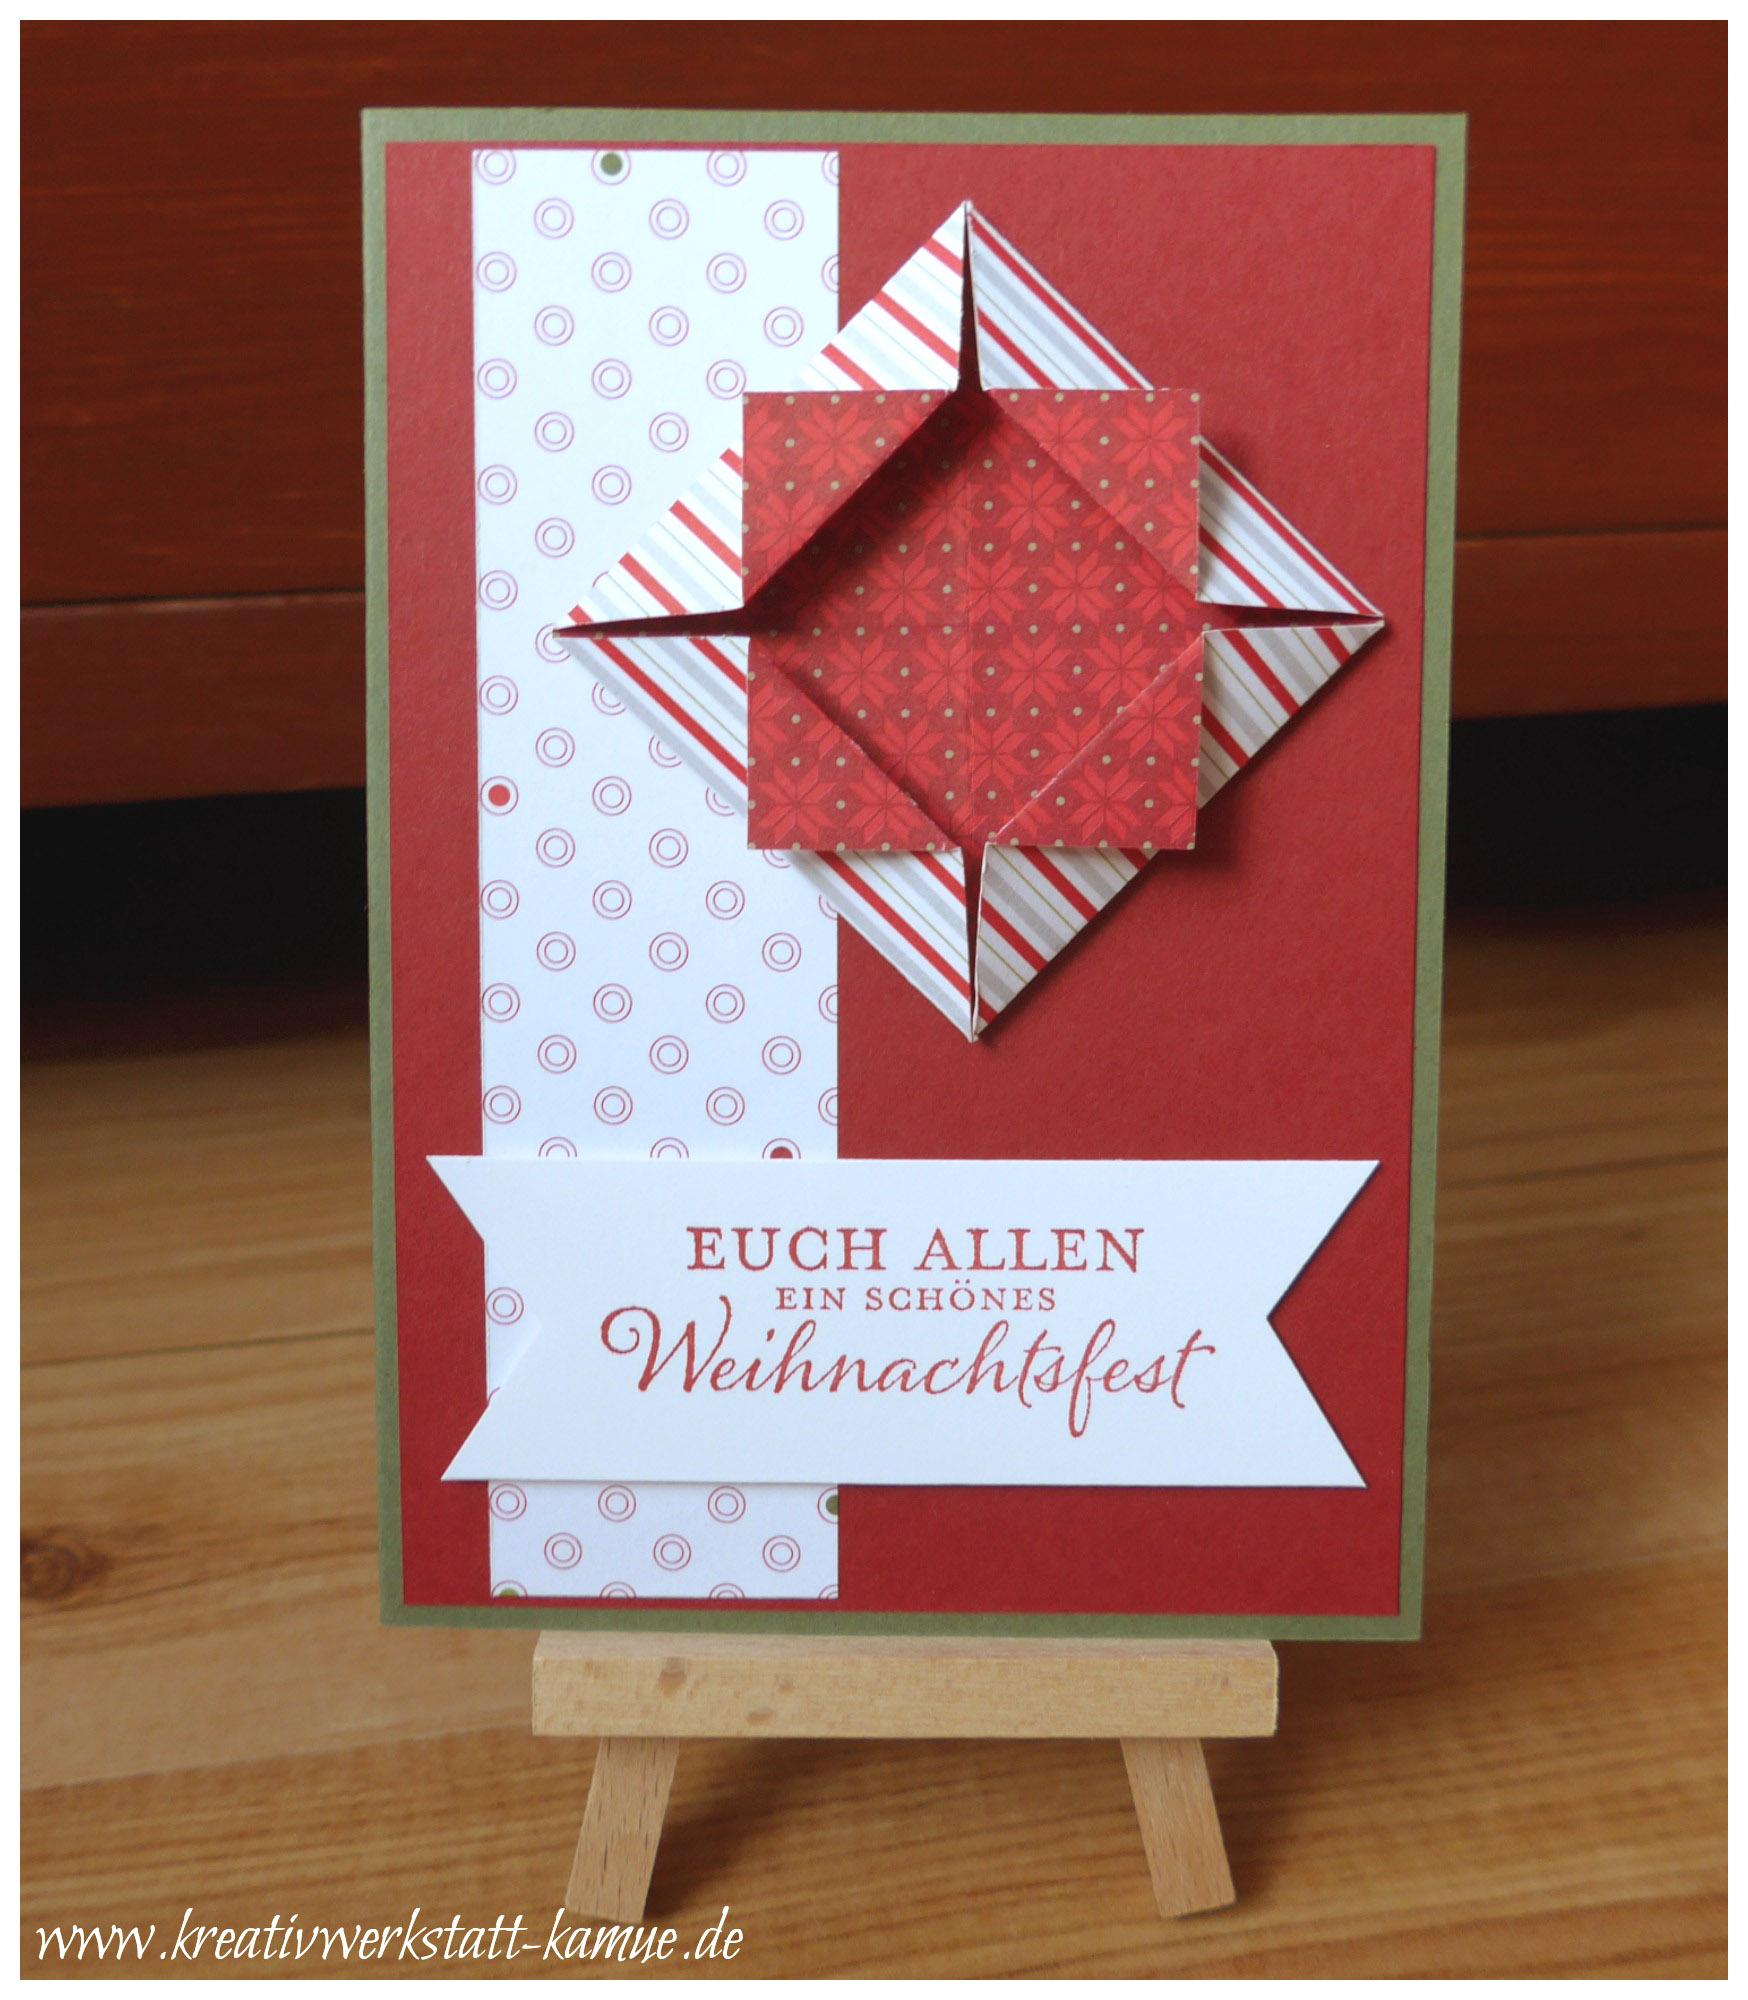 Weihnachtskarten Origami.Weihnachtskarte Mit Origami Shadow Box Kreativwerkstatt